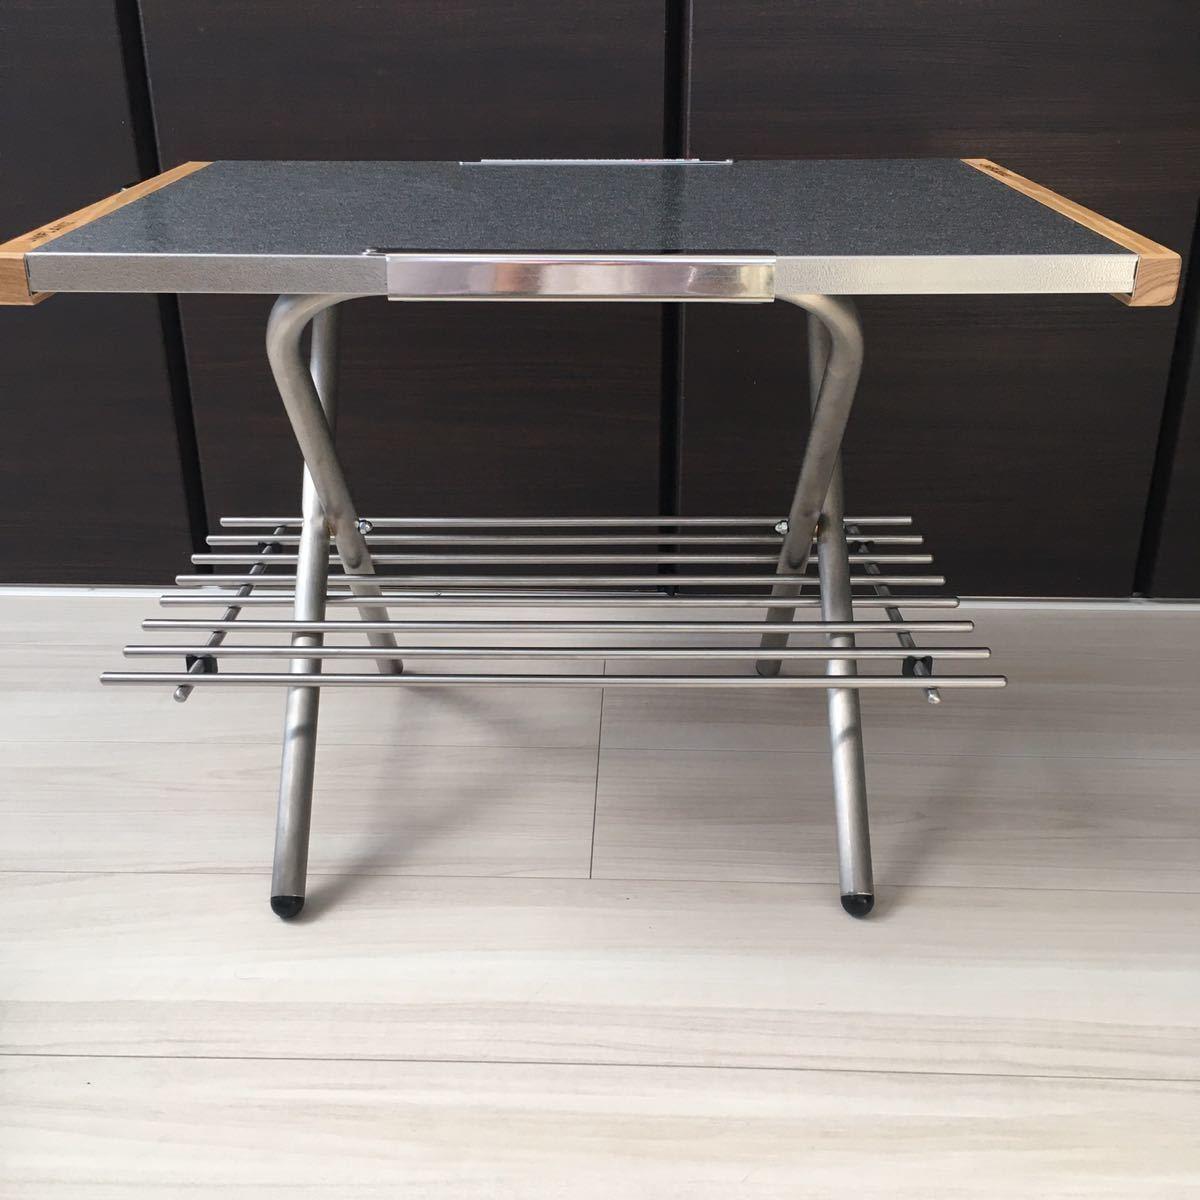 焚き火テーブル用 ステンレス製ラック ユニフレーム たき火テーブル用 ラック UNIFLAME キャンプ ステンレスラック